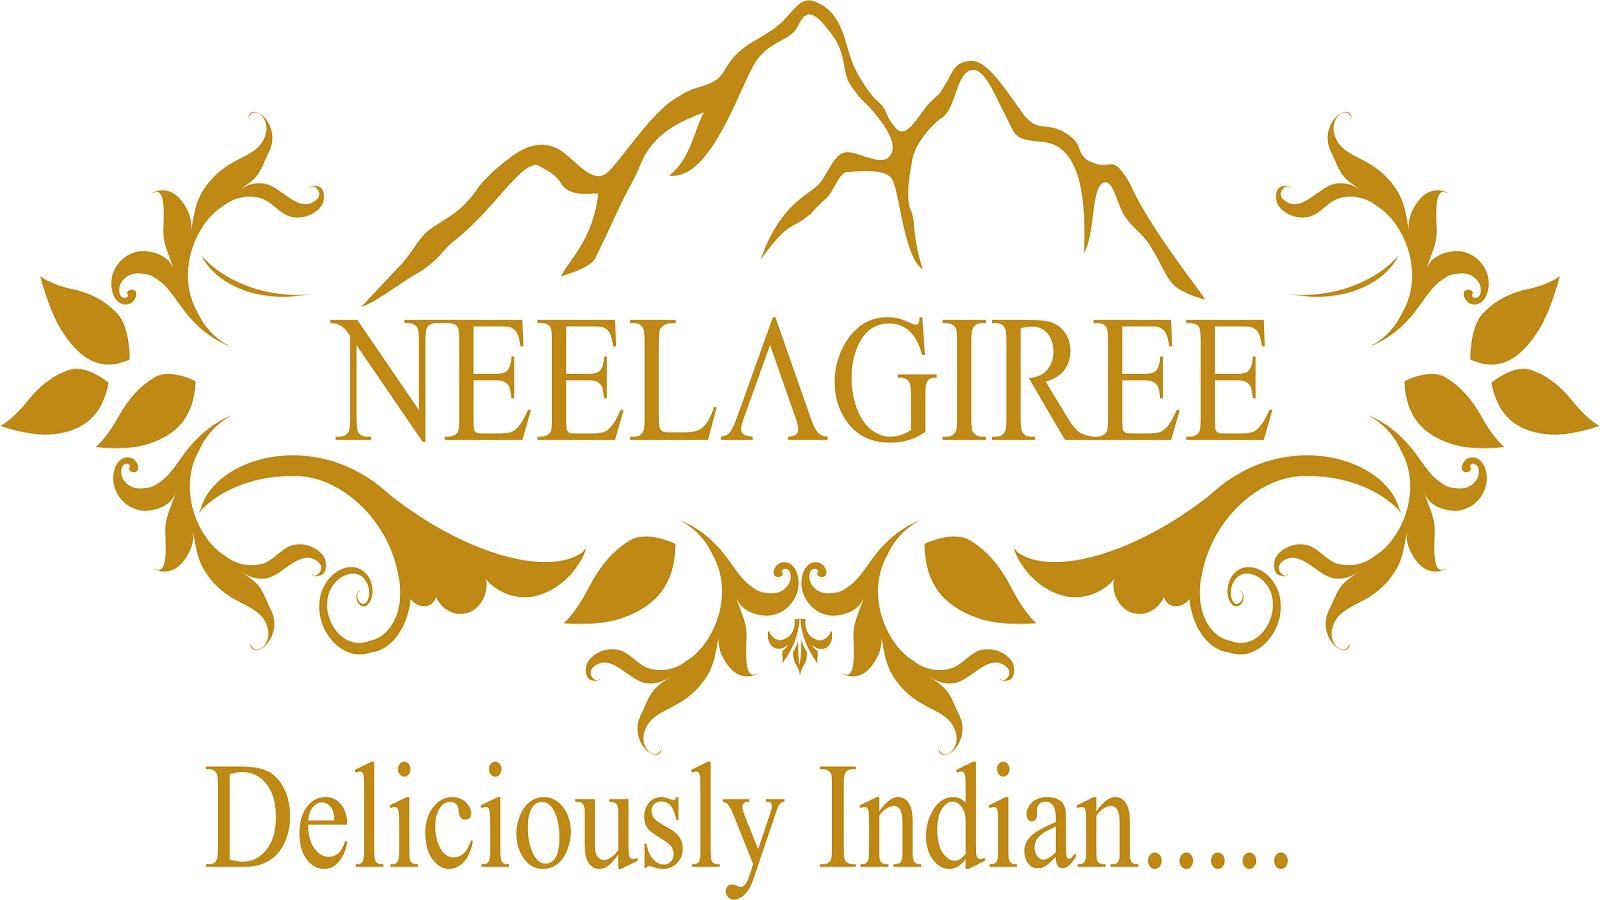 Neelagiree